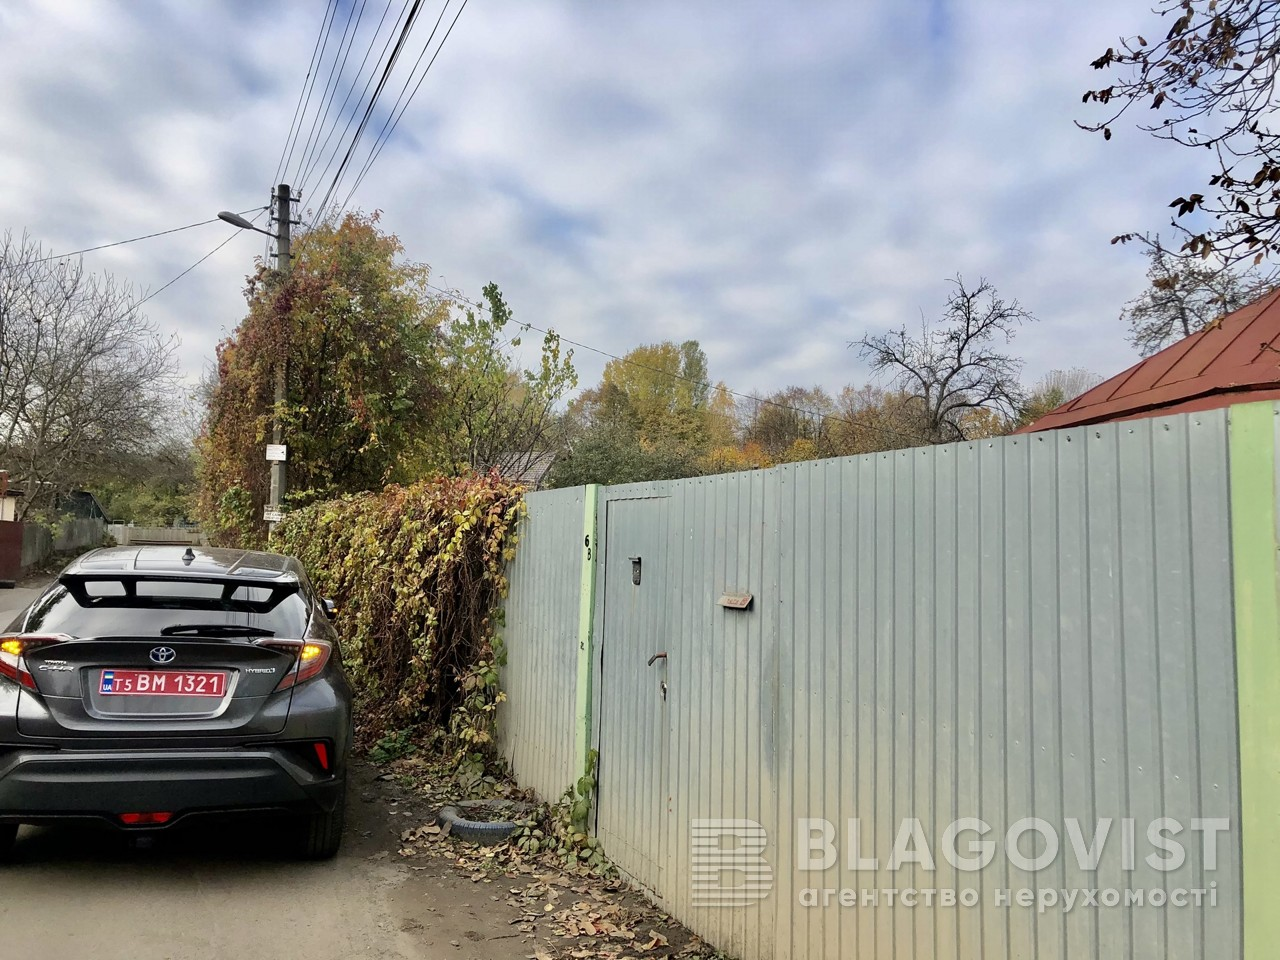 Земельный участок R-36199, Чабановская, Киев - Фото 8